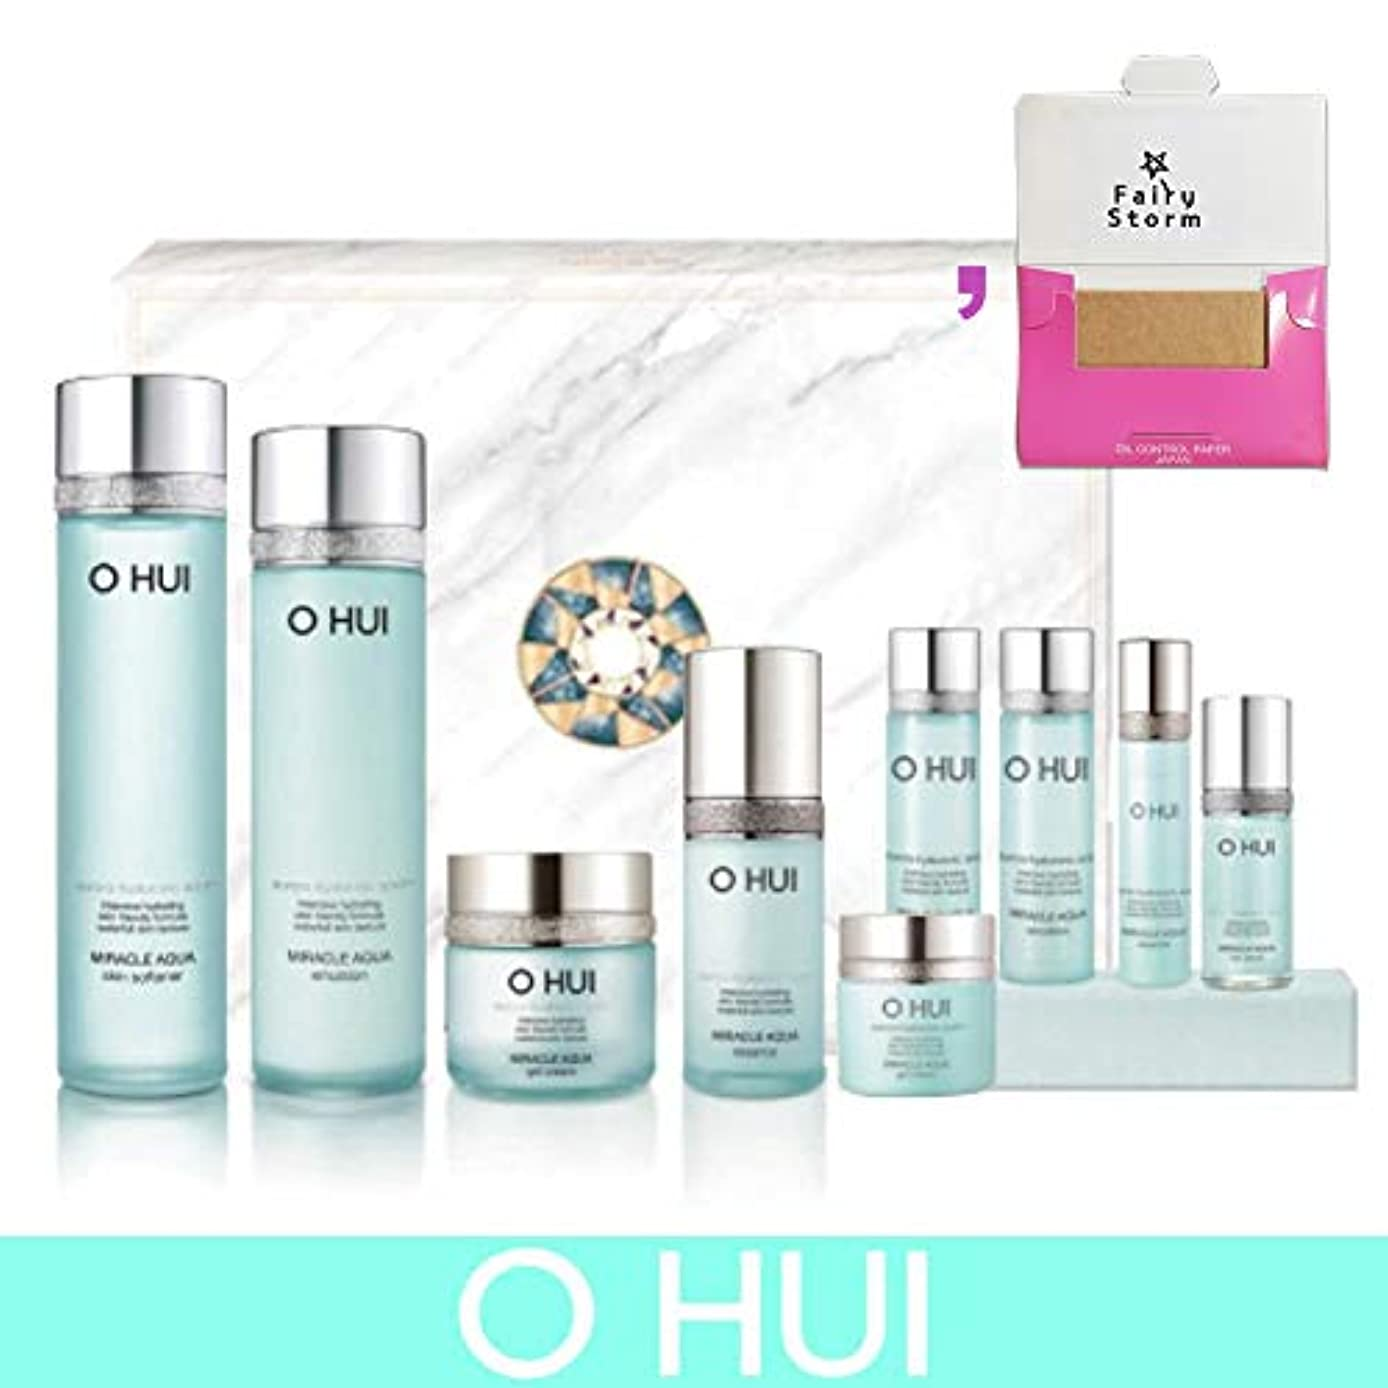 冷凍庫マイルためらう[オフィ/O HUI]韓国化粧品 LG生活健康/O HUI MIRACLE AQUA SPECIAL 4EA SET/ミラクル アクア 4種セット + [Sample Gift](海外直送品)